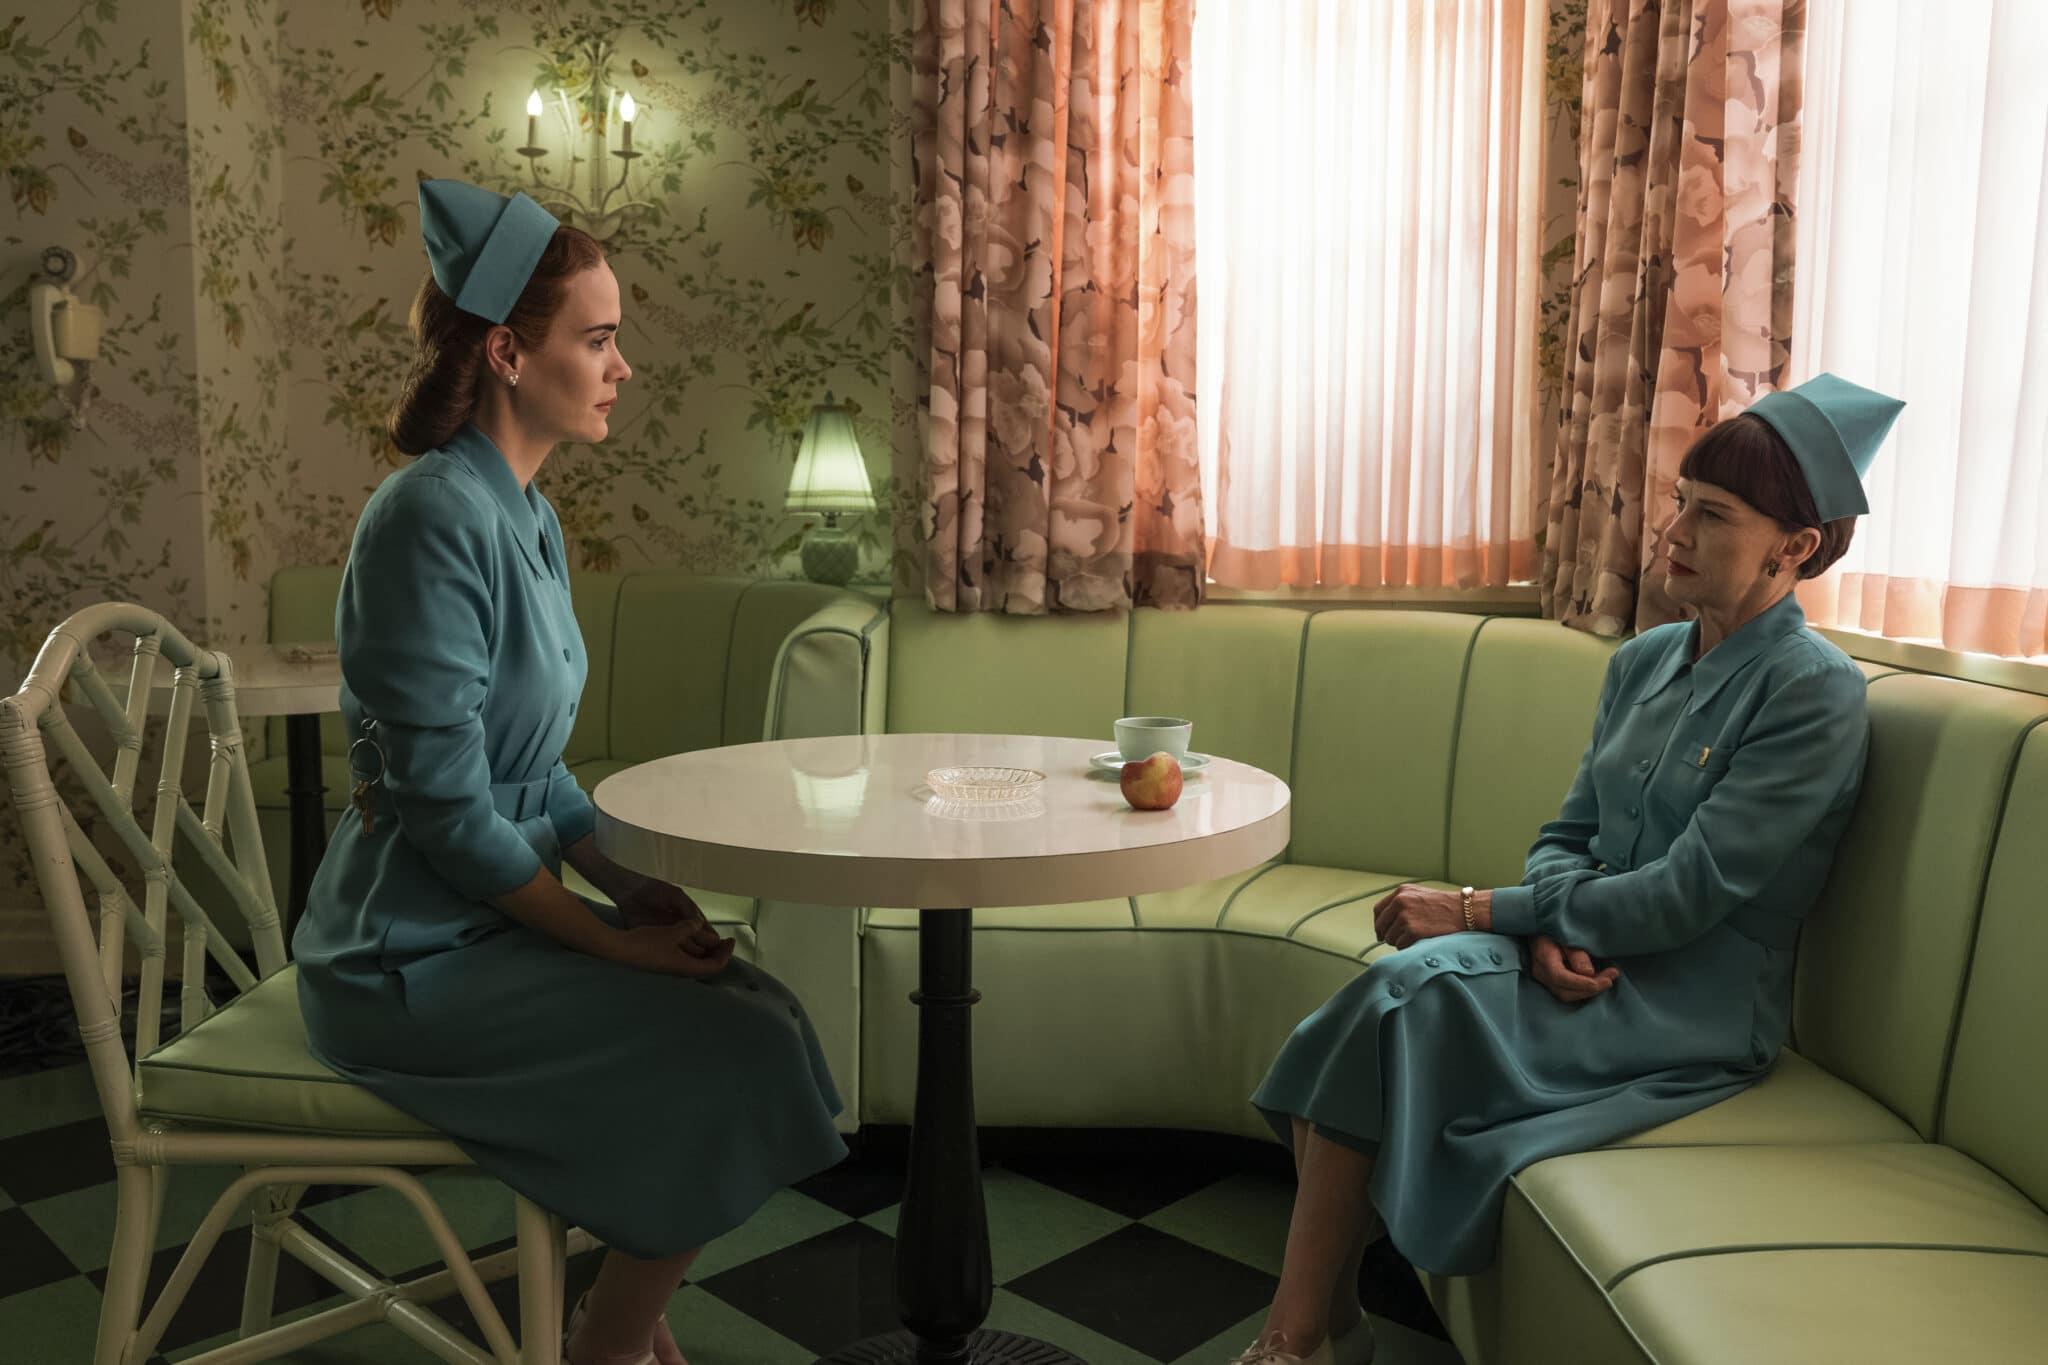 Mildred Ratched (Sarah Paulson) und Betsy (Judy Davis) sitzen sich in Ratched an einem Tisch gegenüber. Auf dem Tisch befindet sich eine Teetasse und ein Pfirsich.